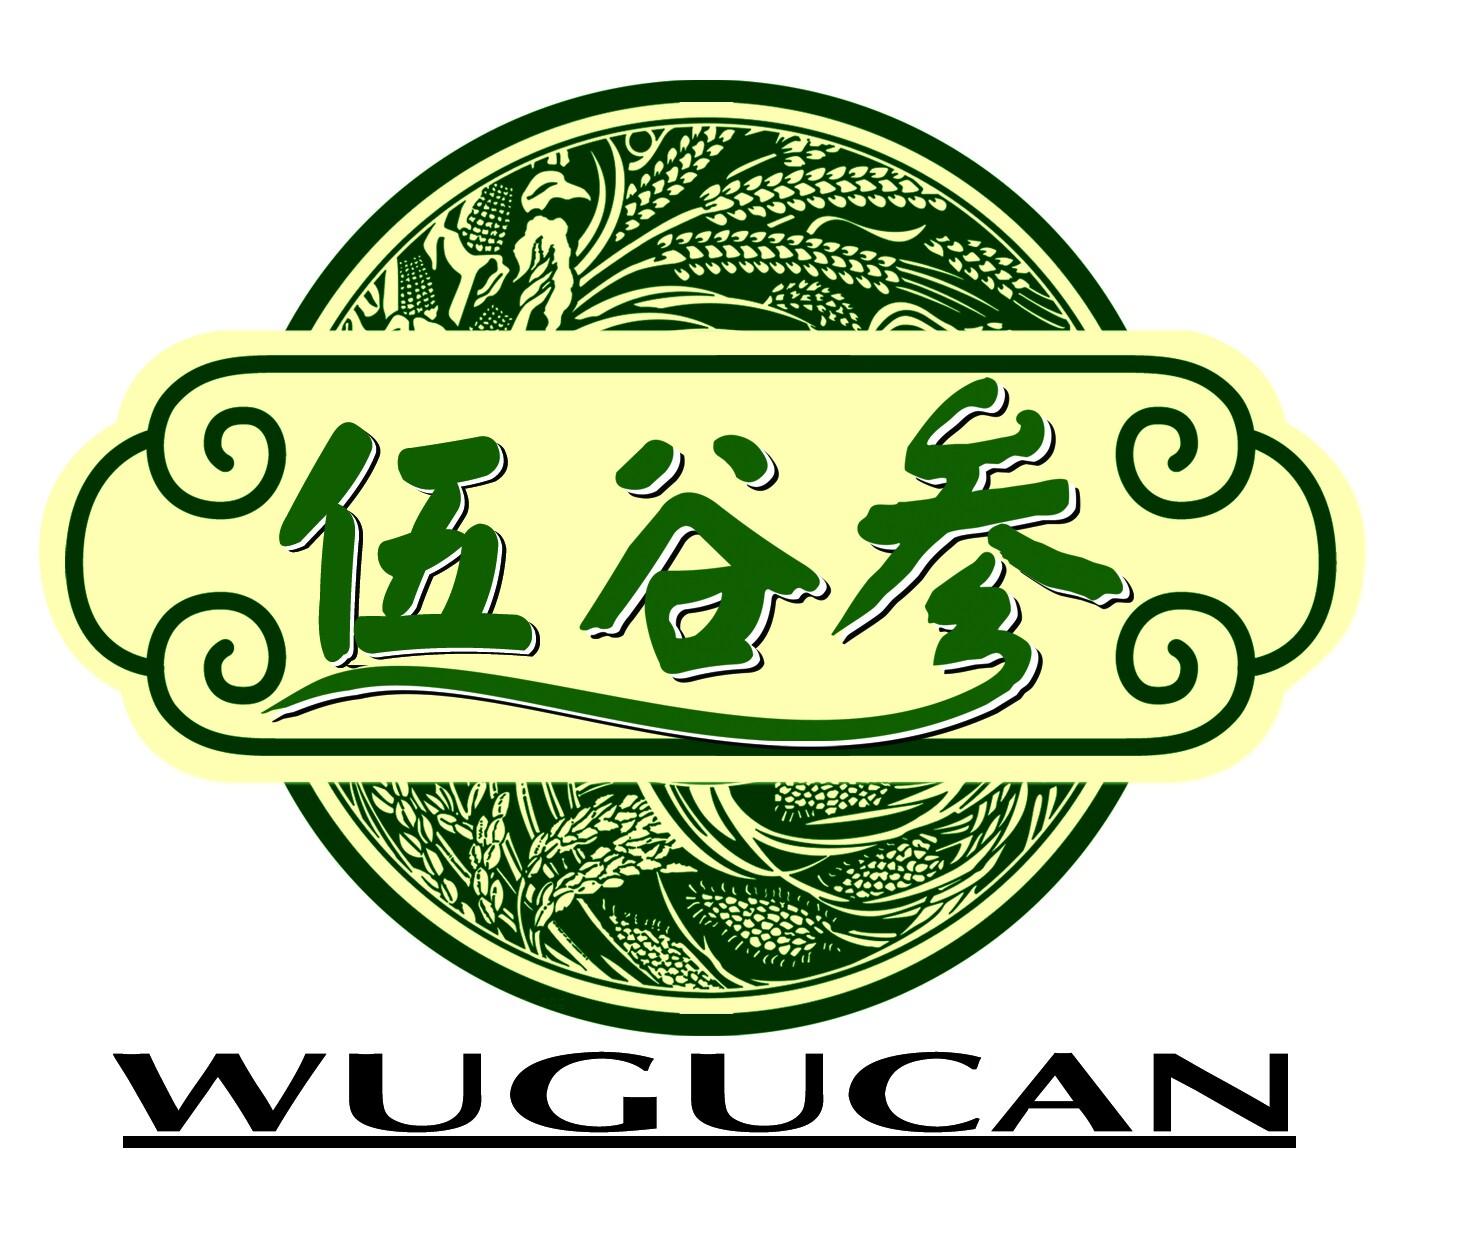 伍谷参食品(中国)有限公司